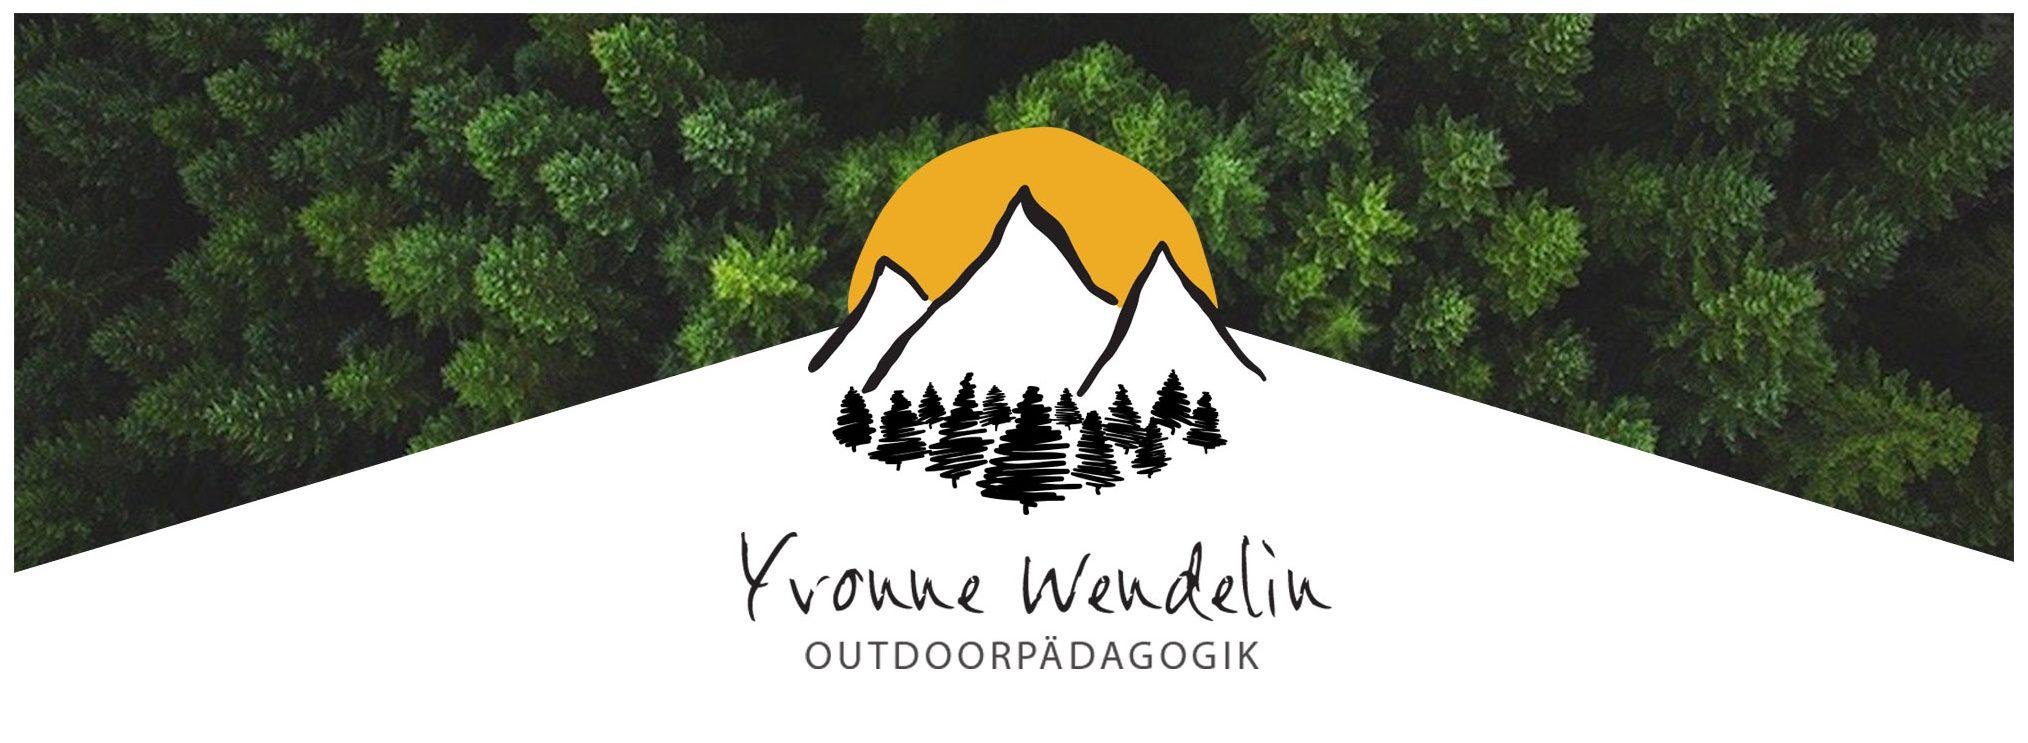 Yvonne Wendelin Outdoorpädagogik